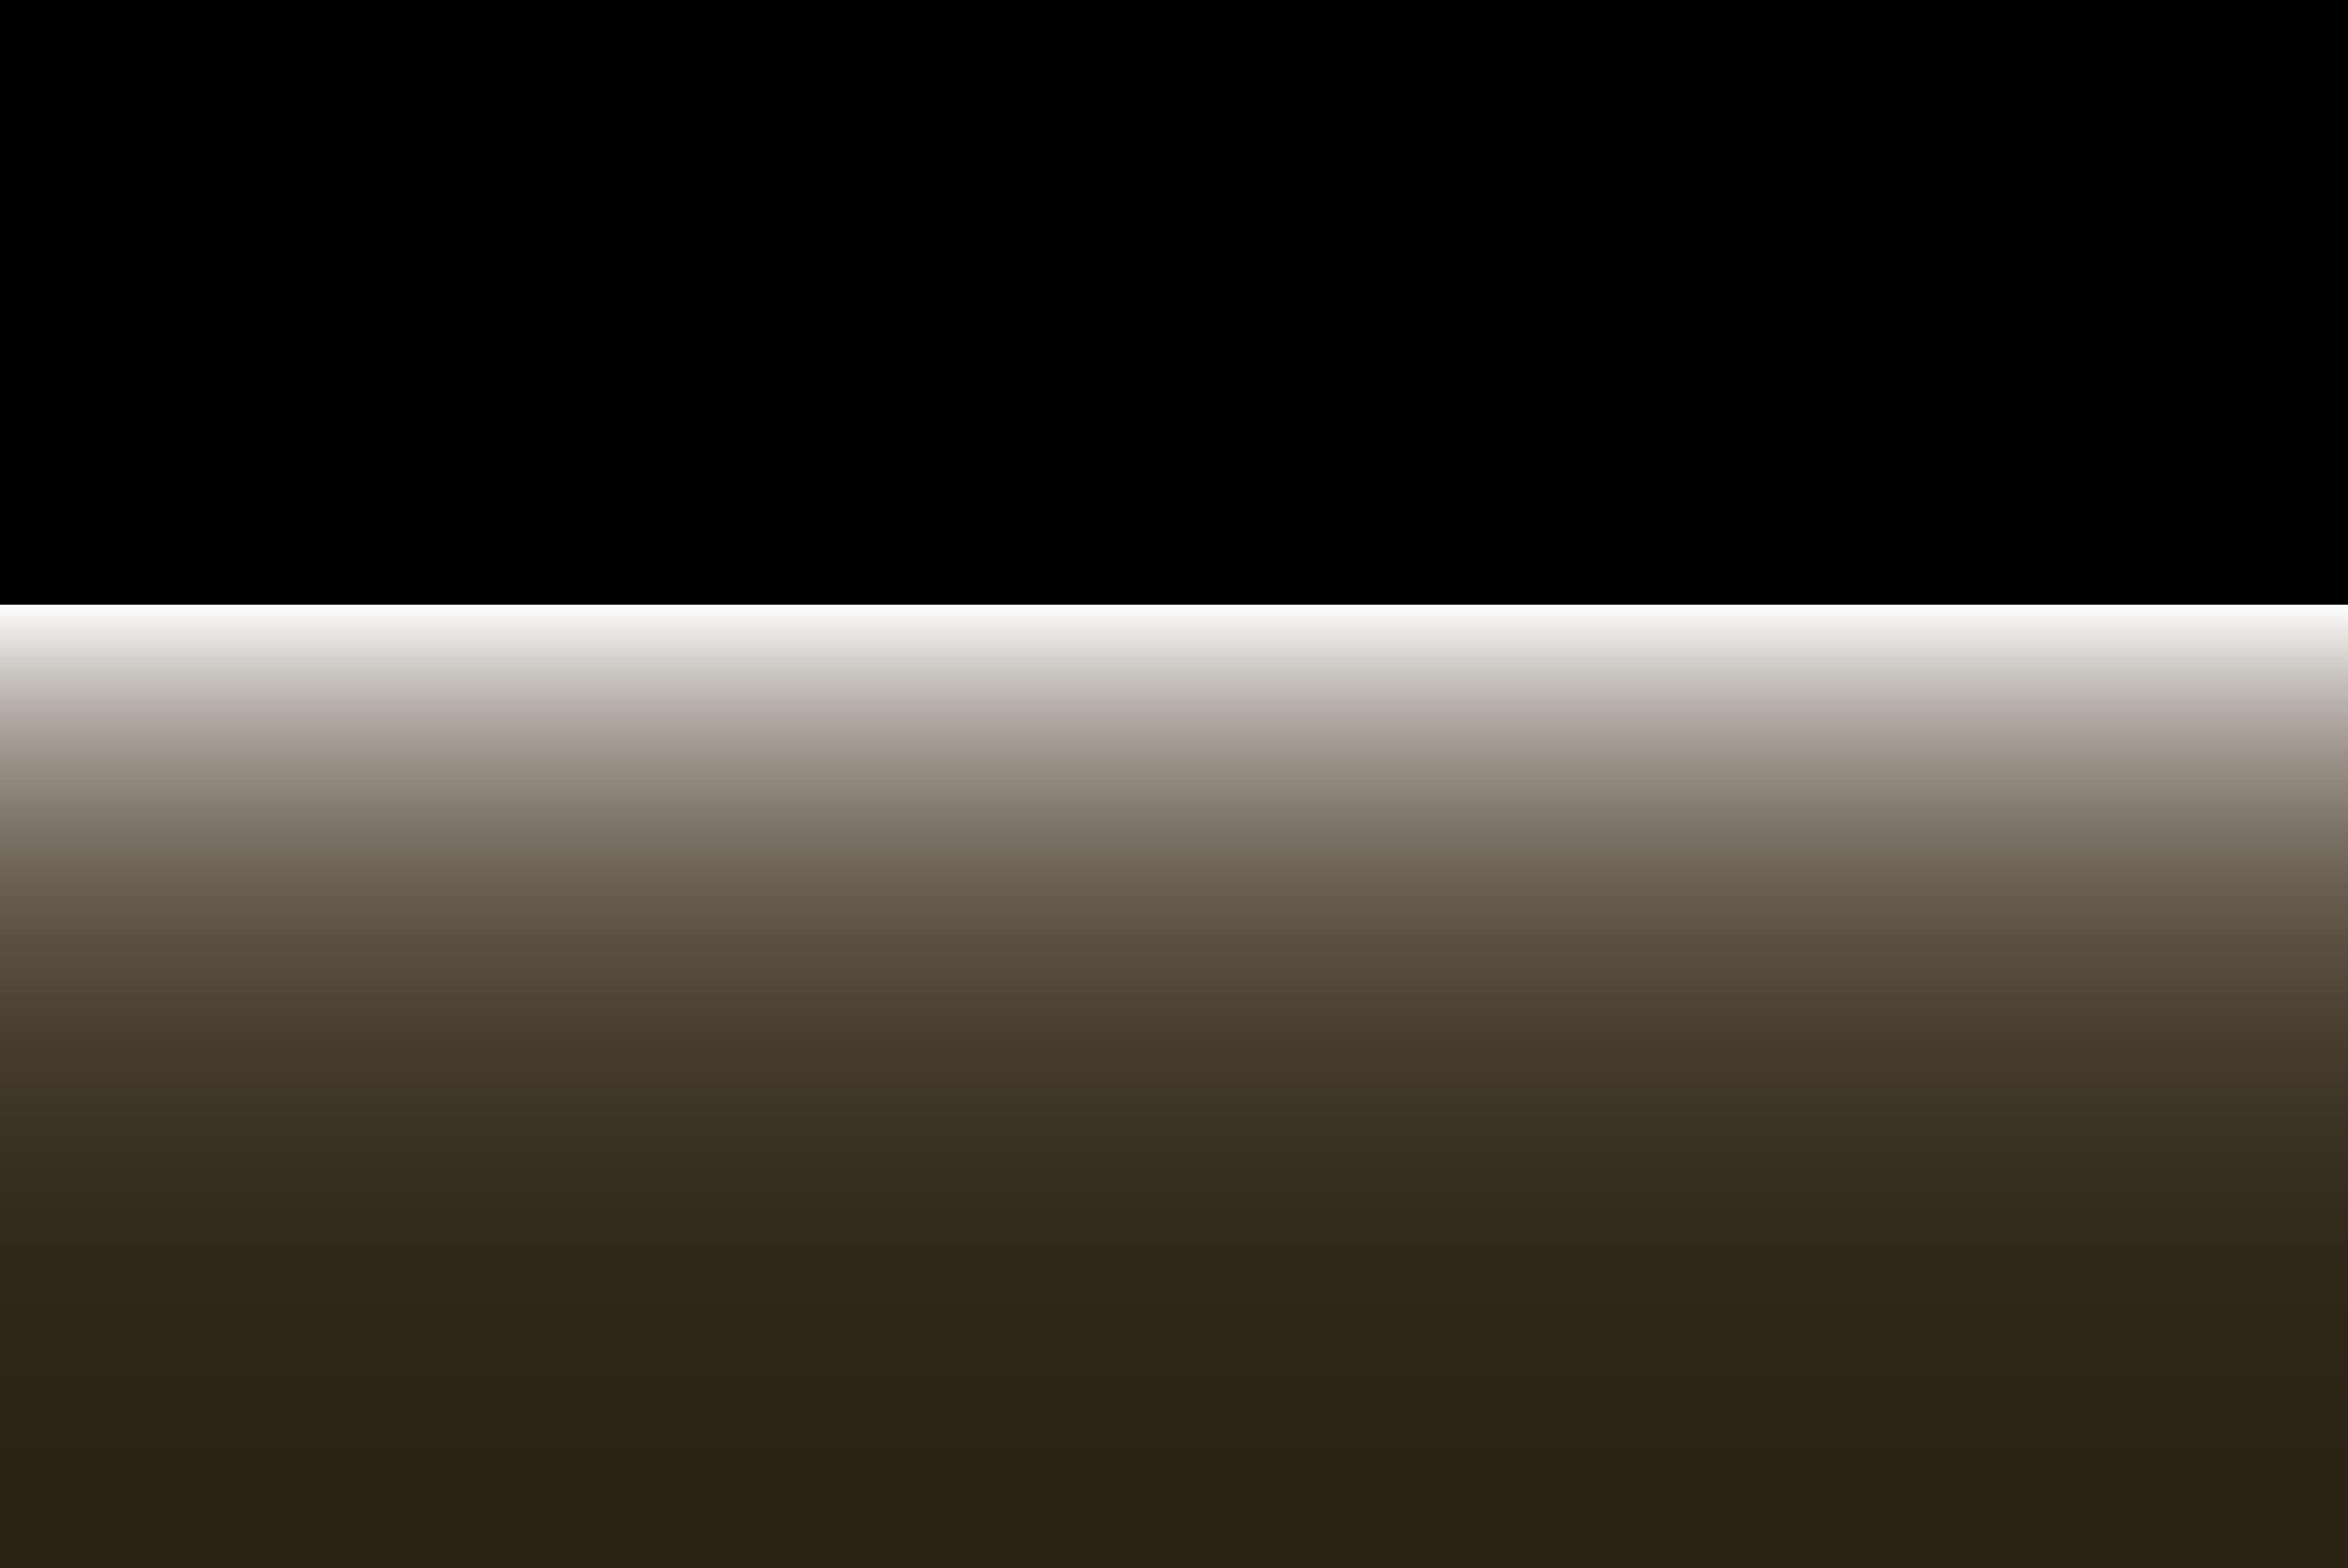 Senza titolo-1_Tavola disegno 1.png